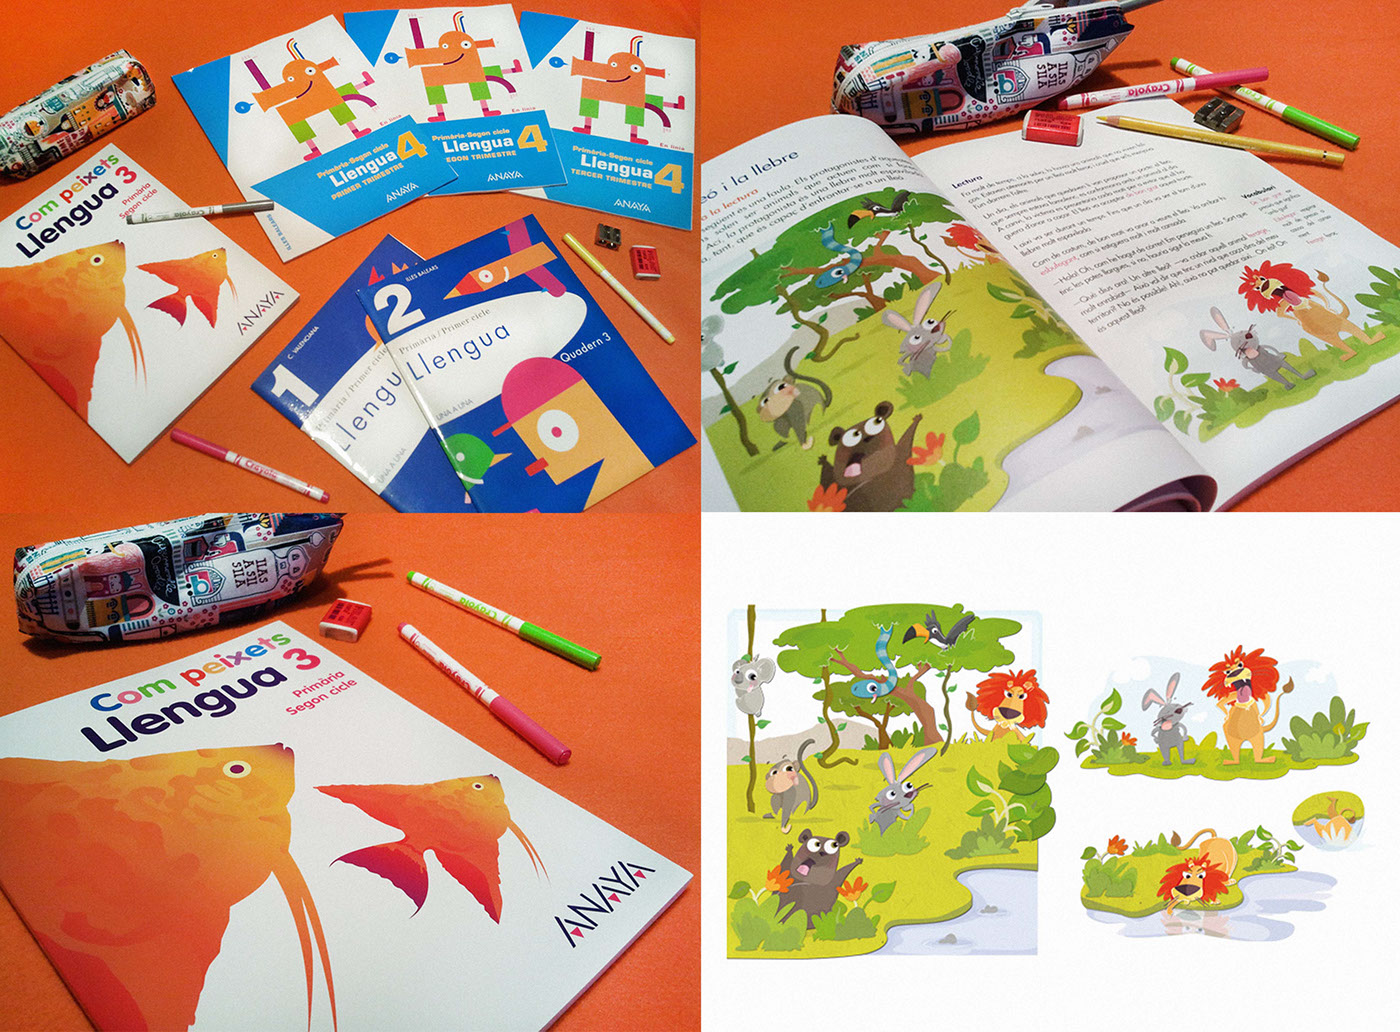 ilustracion infantil libro de texto editorial educación primaria